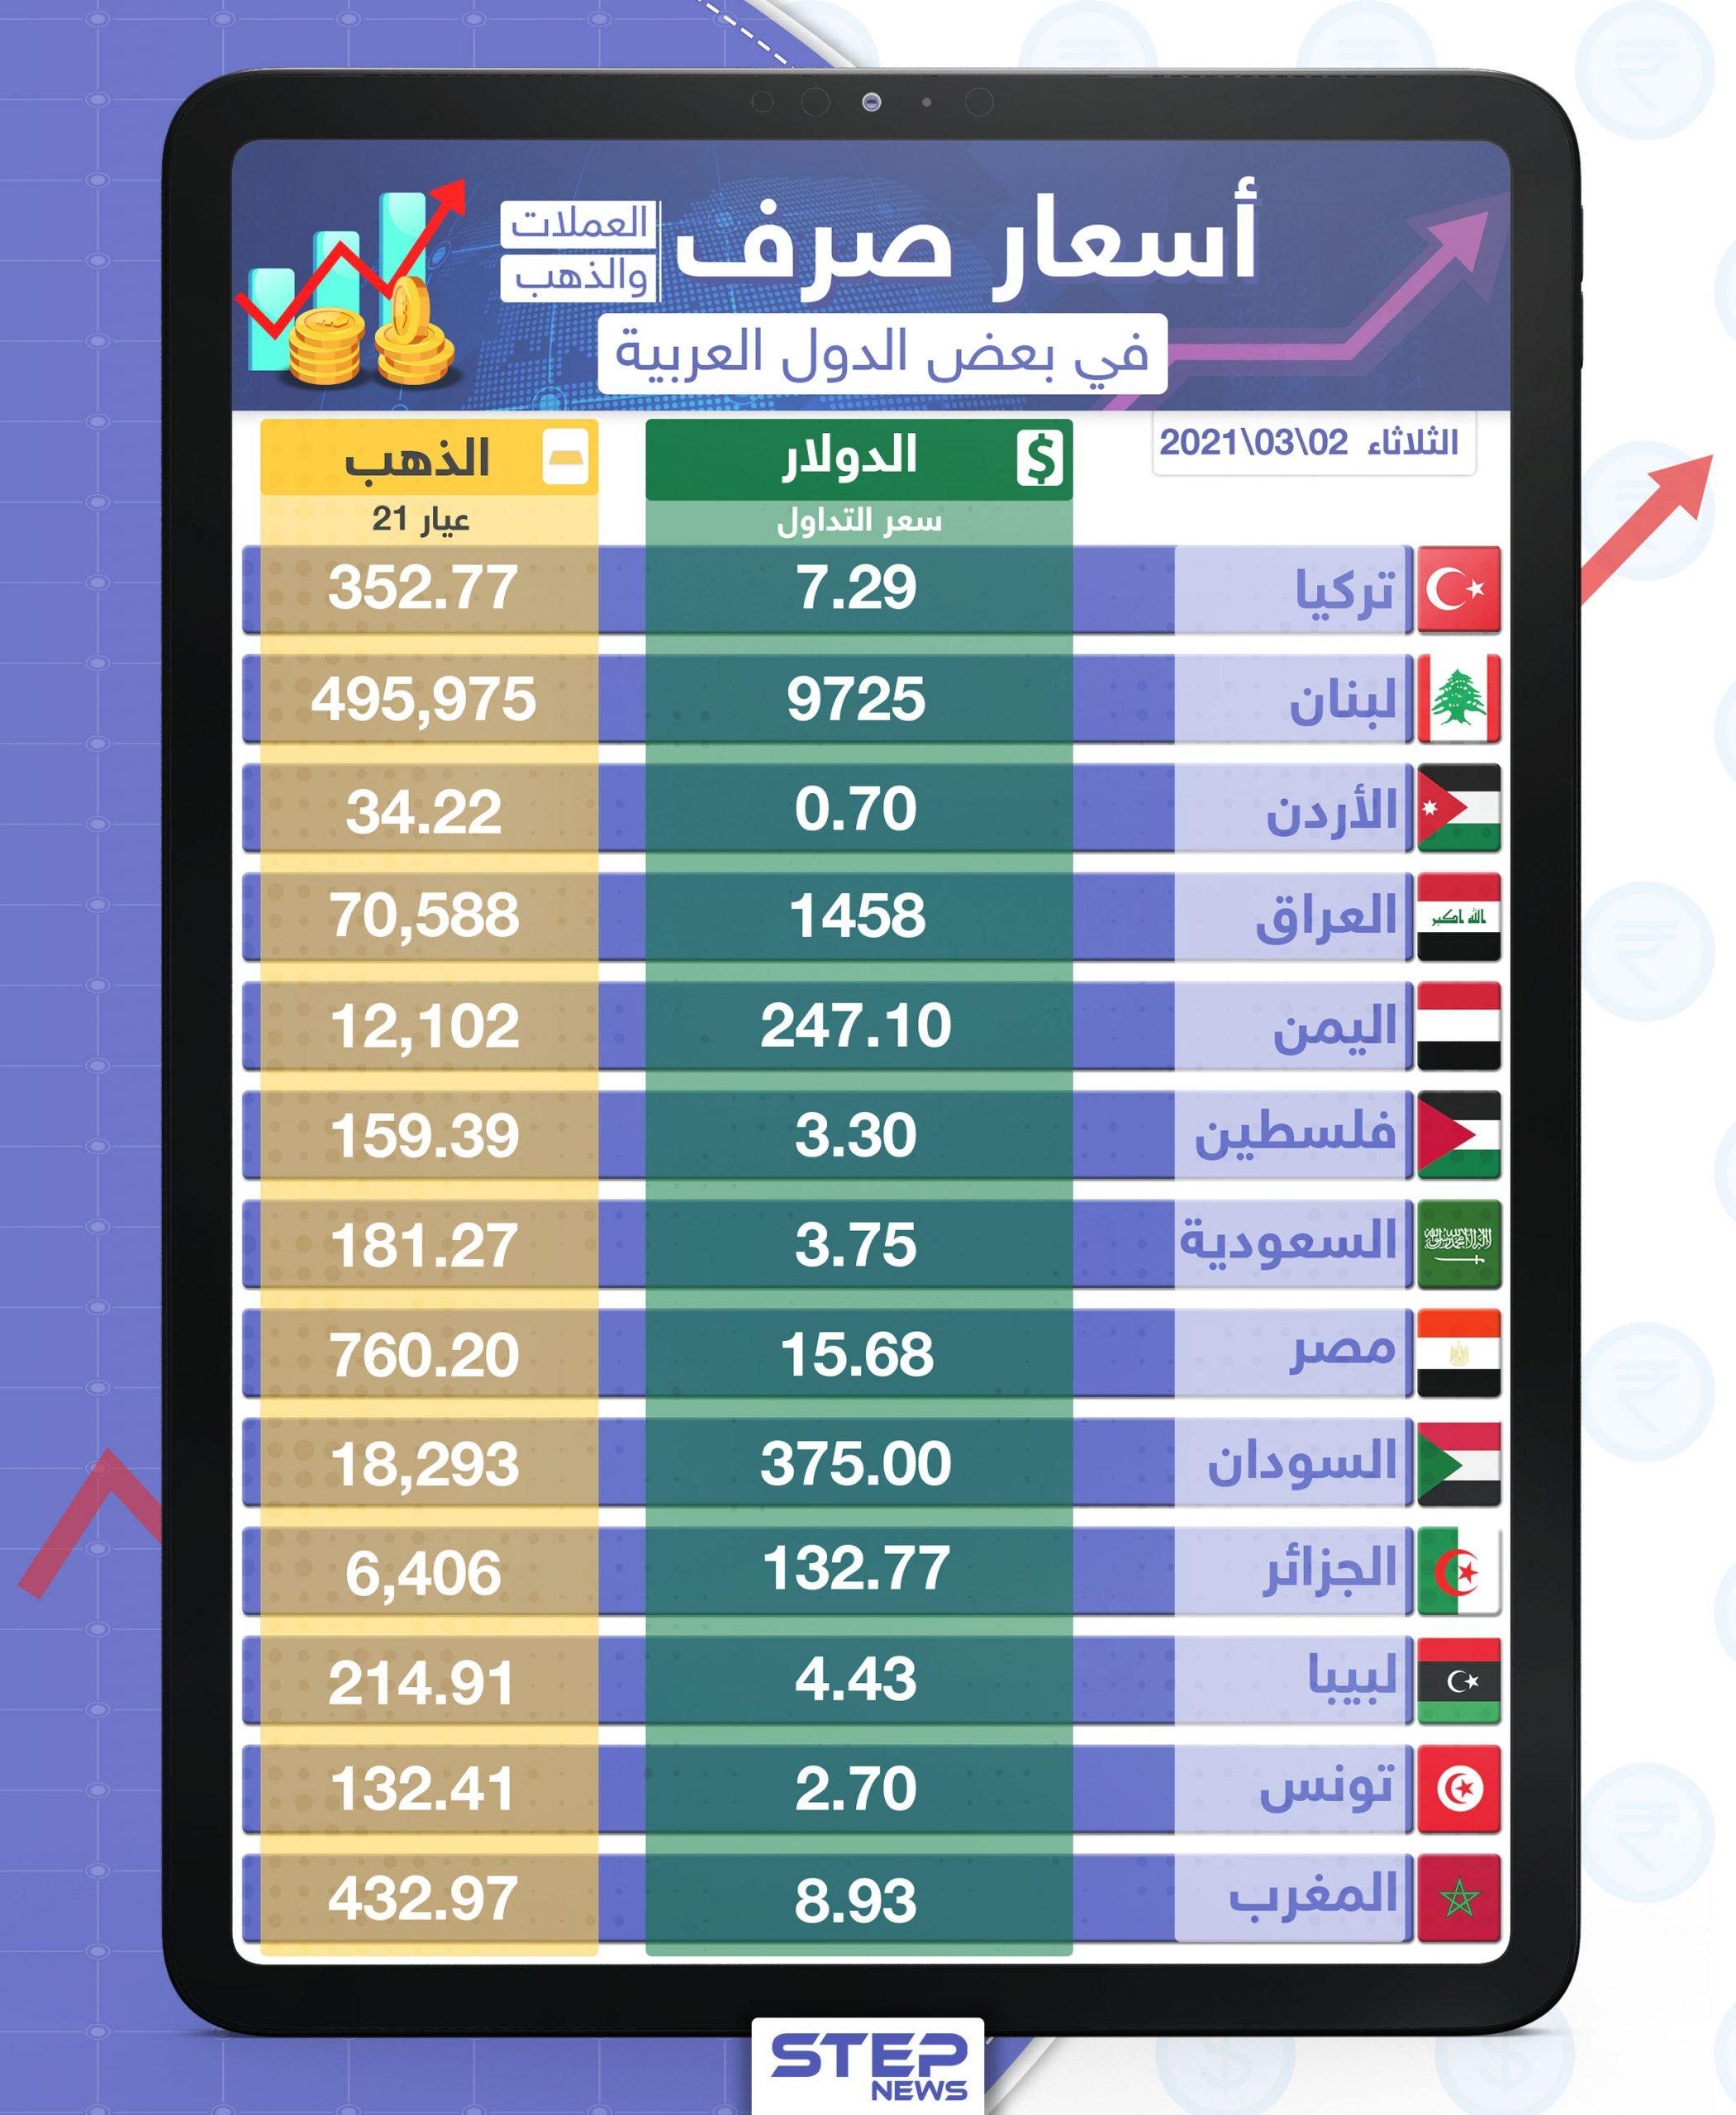 أسعار الذهب والعملات للدول العربية وتركيا اليوم الثلاثاء الموافق 02 آذار 2021